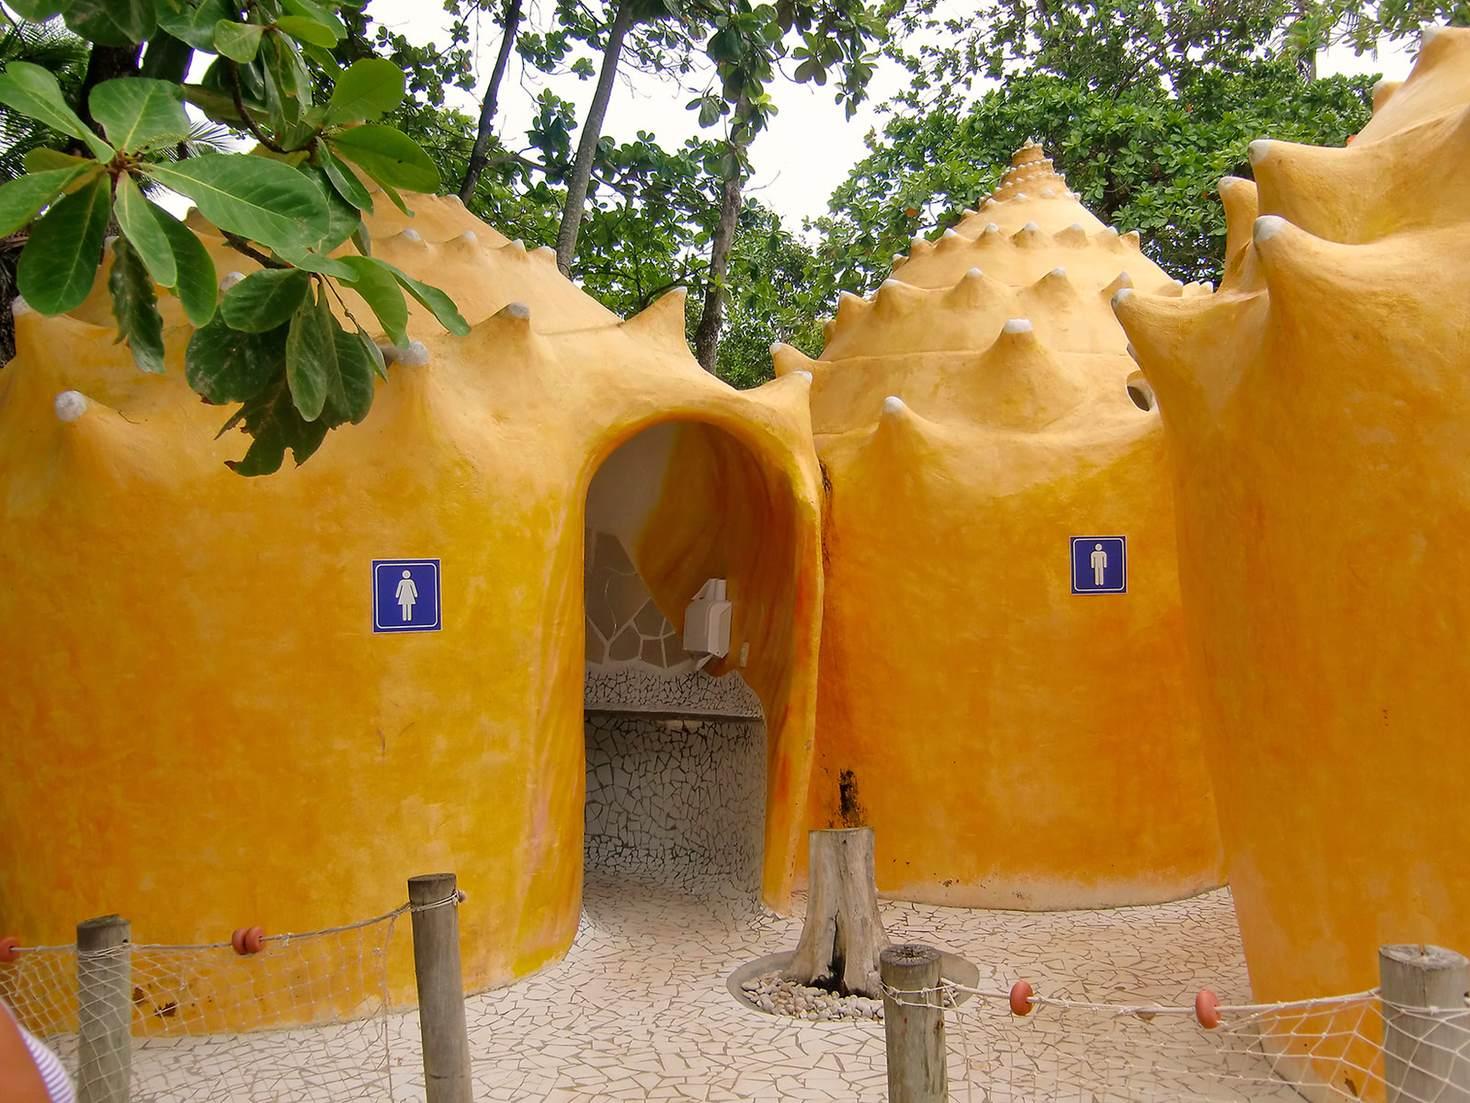 Des toilettes dans le style architectural de Gaudi, dans l'État de Bahia, au Brésil